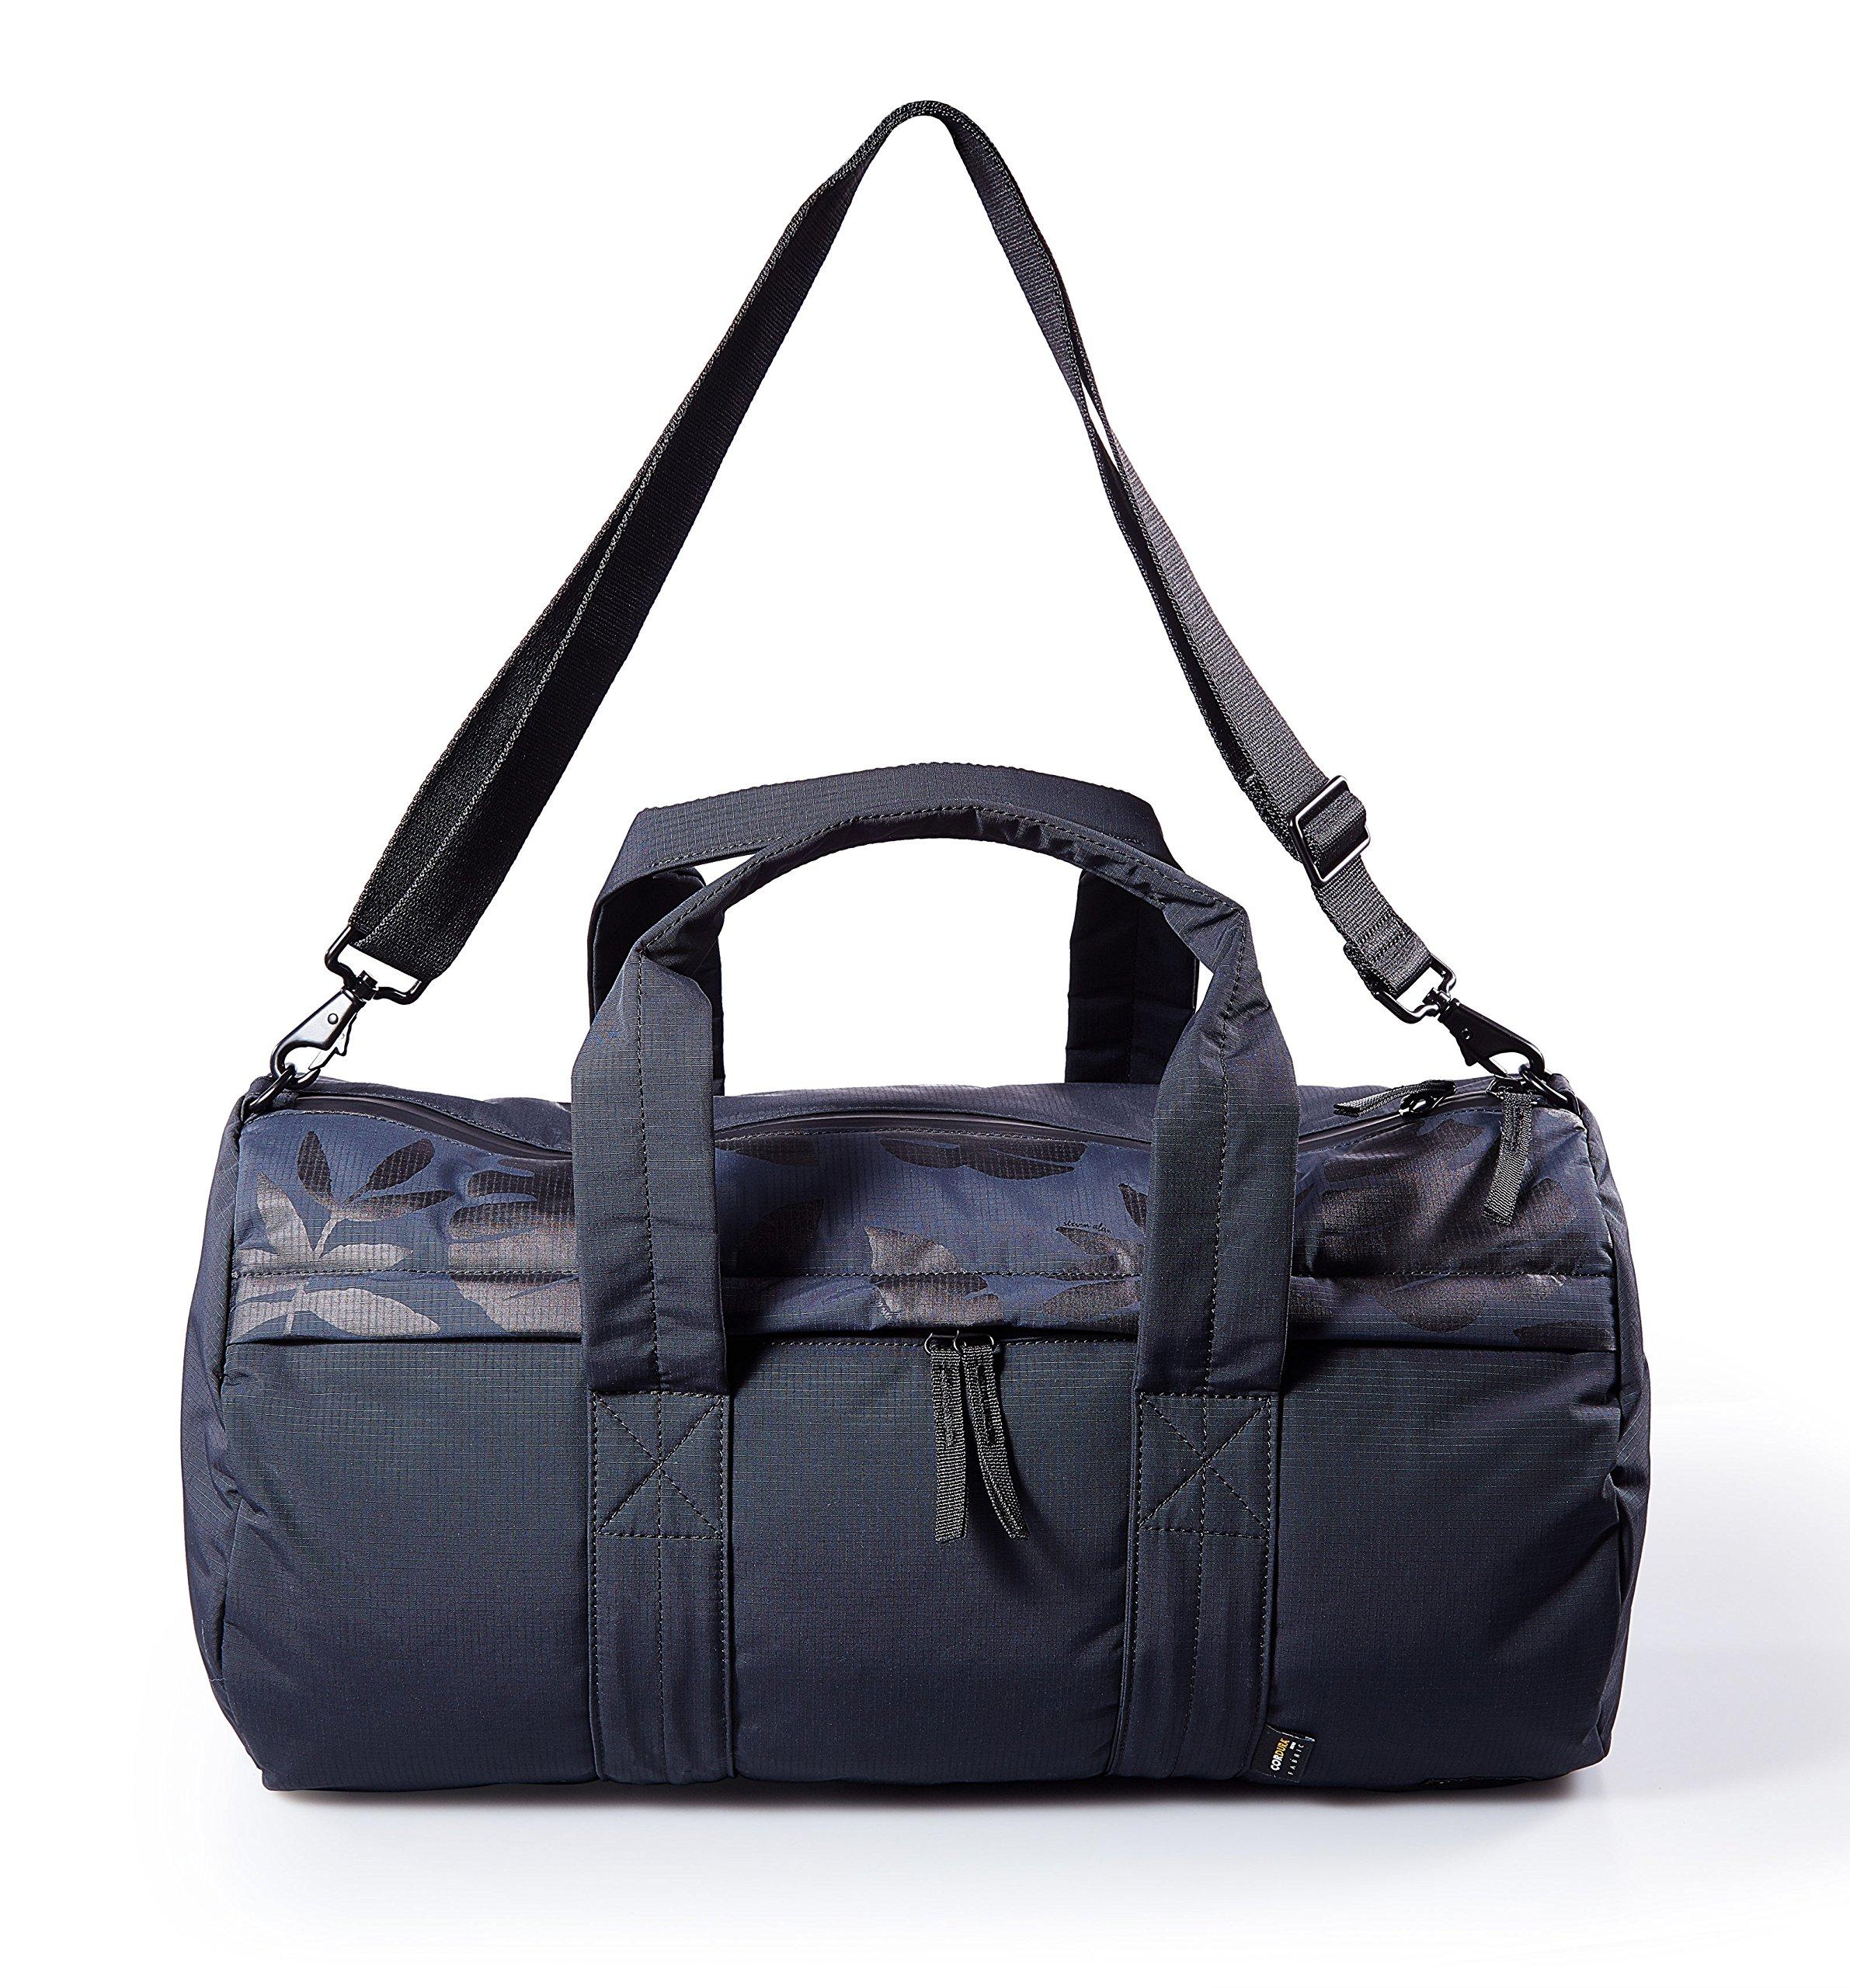 Steven Alan Waterproof Duffle Bag Kai Barrel Water resistant Duffle Bag for Men SAM205 Black Bag